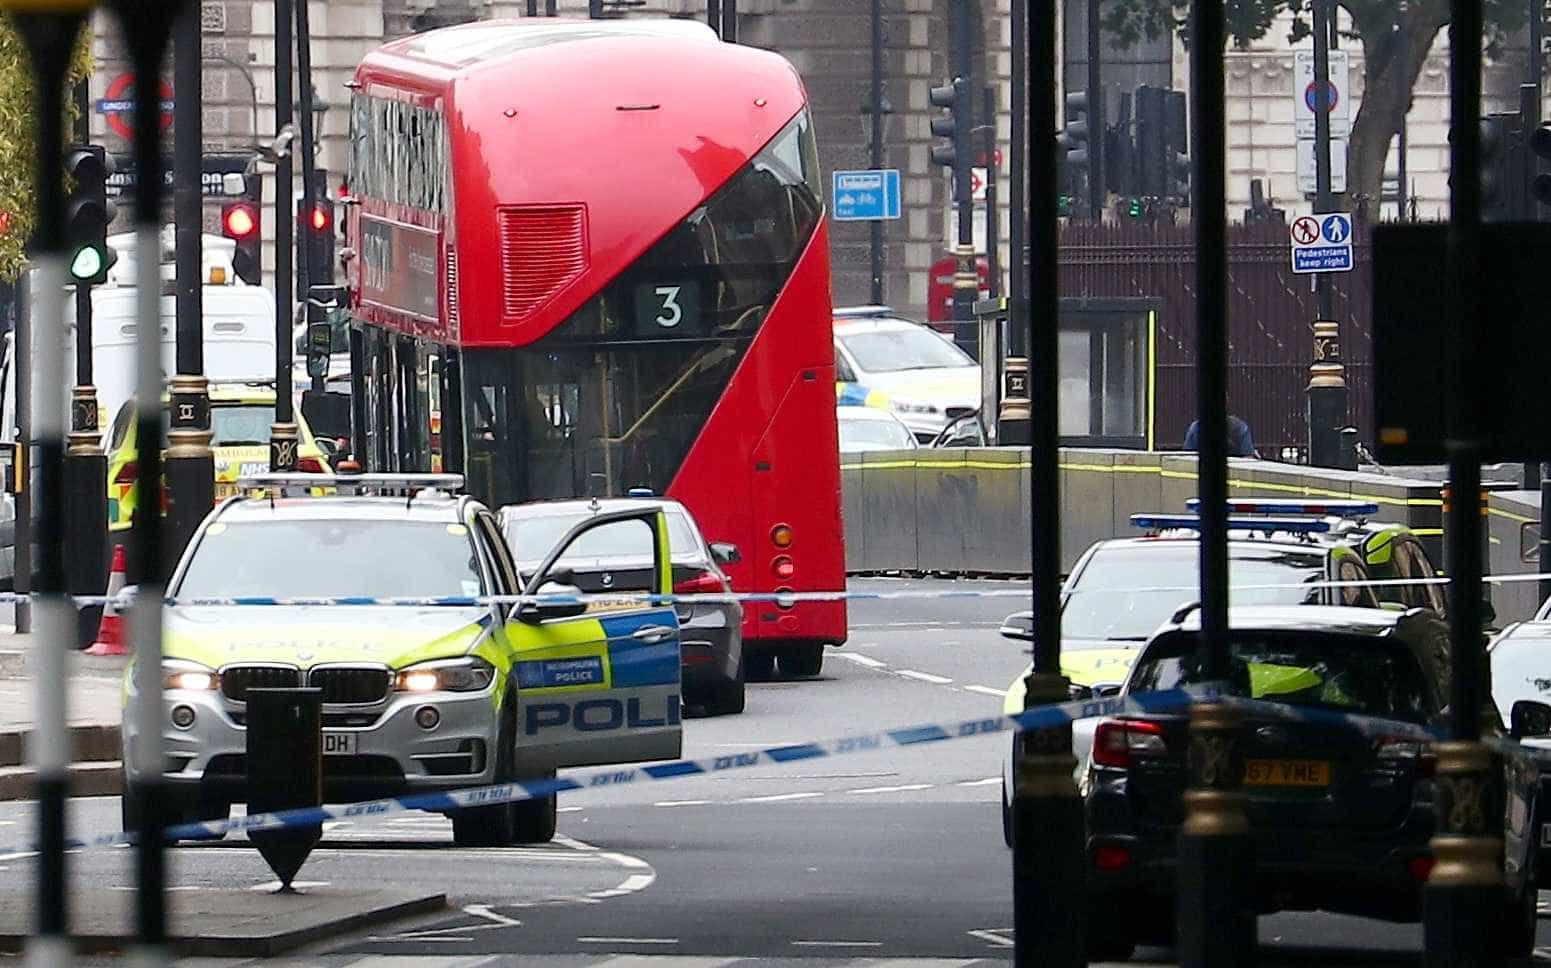 Polícia não descarta atentado terrorista no parlamento britânico